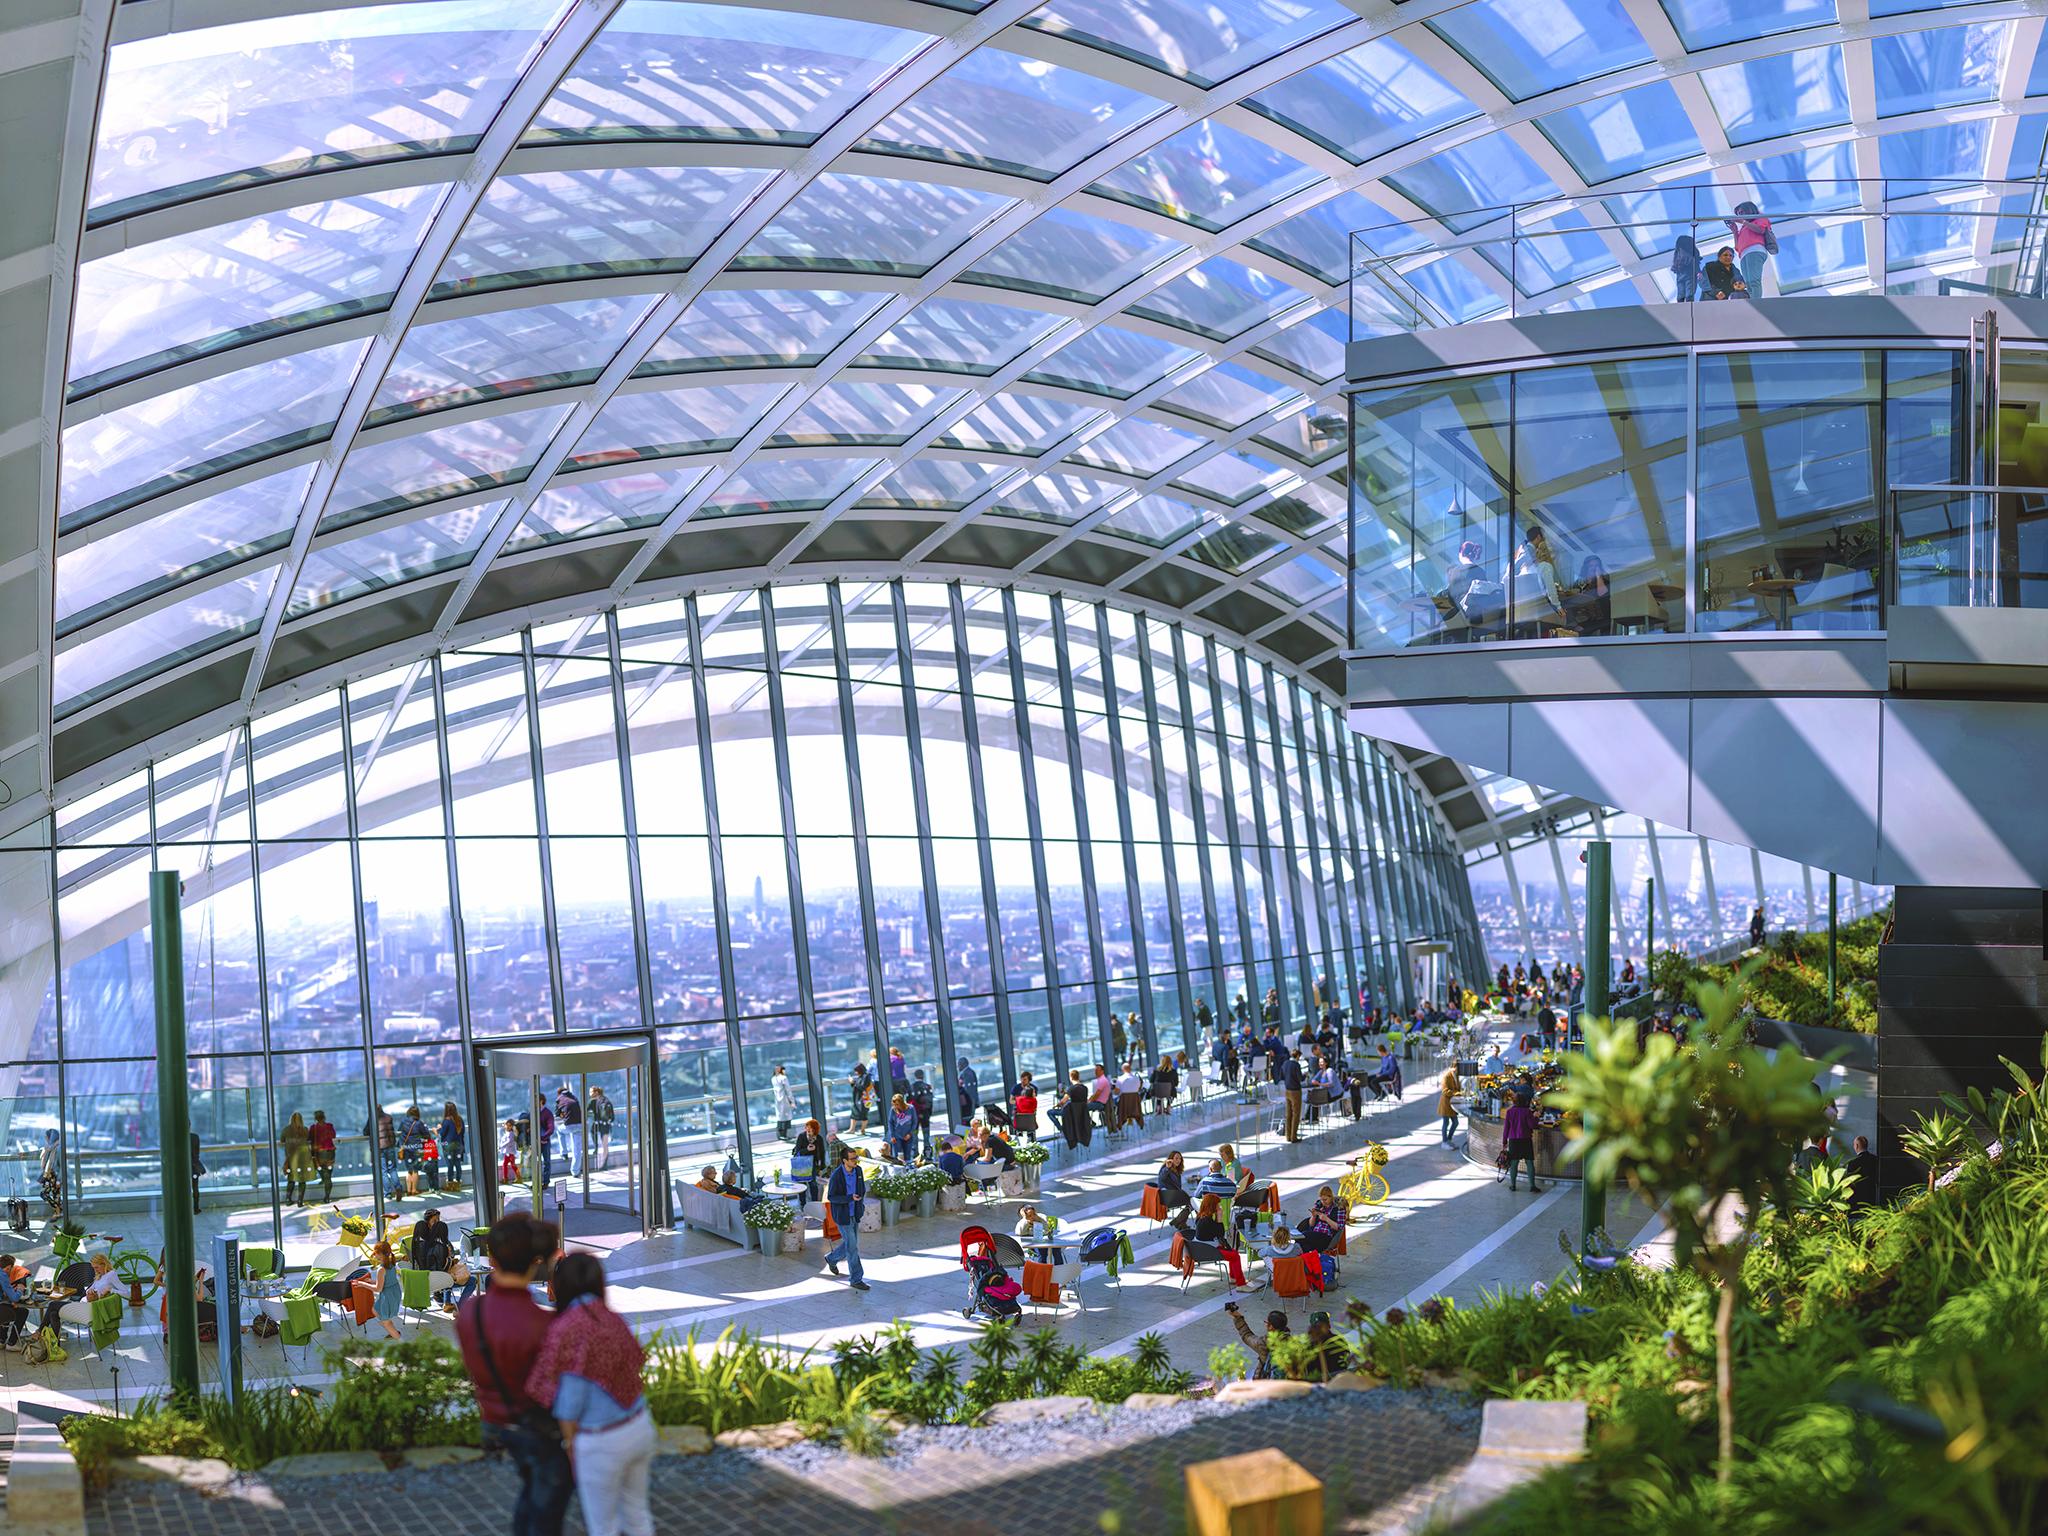 イギリス:「スカイガーデン/Sky Garden」